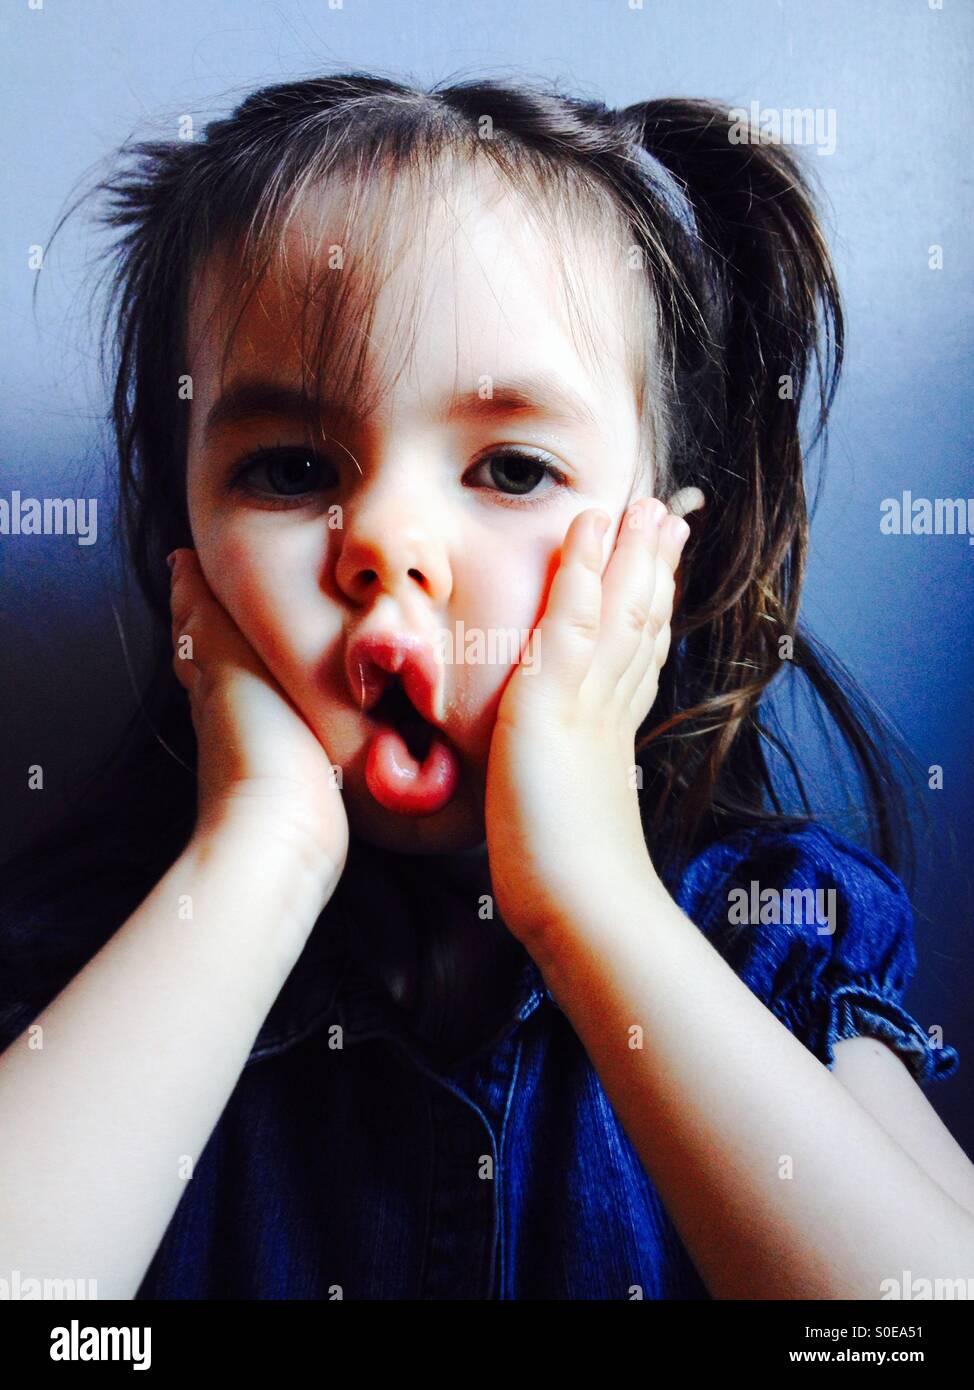 Niña de 3 años haciendo cara divertida Imagen De Stock